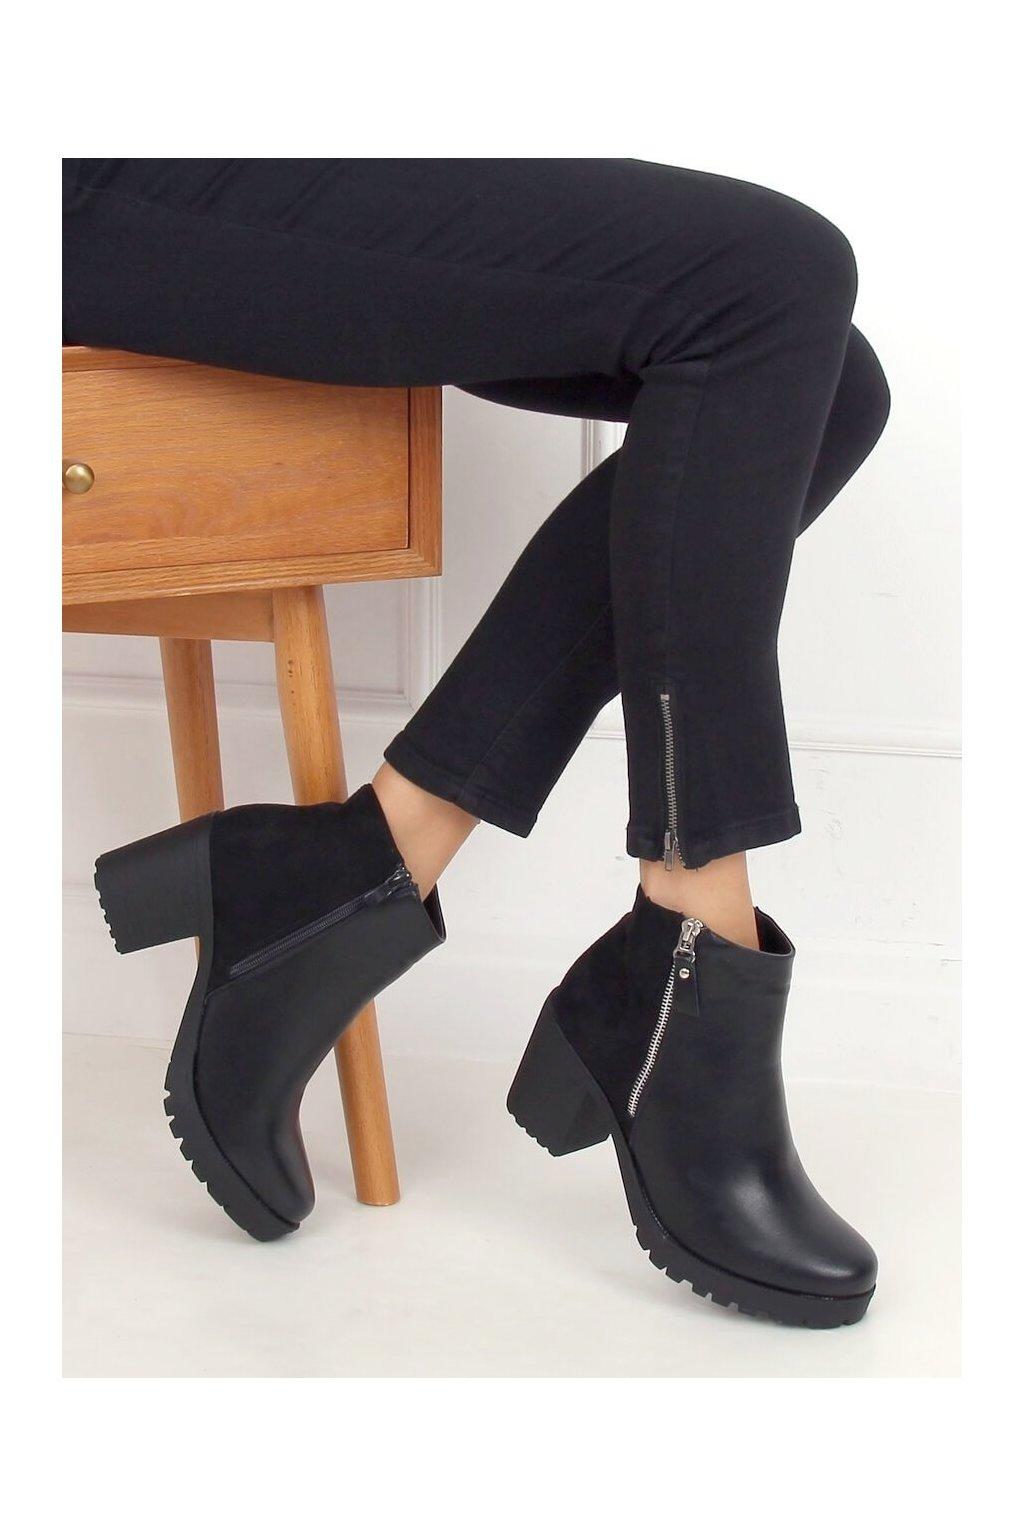 Dámske členkové topánky čierne na širokom podpätku 15-20